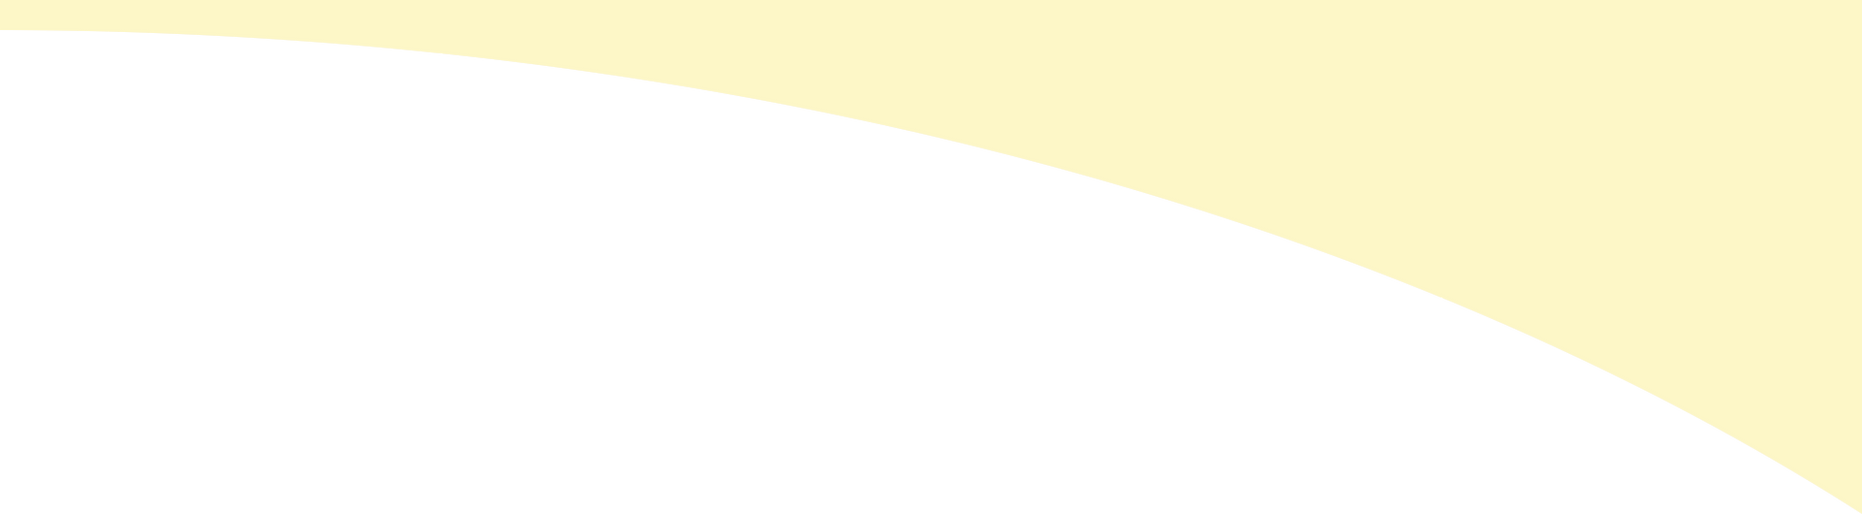 WAKSTER_Case-Studies_Curve.png